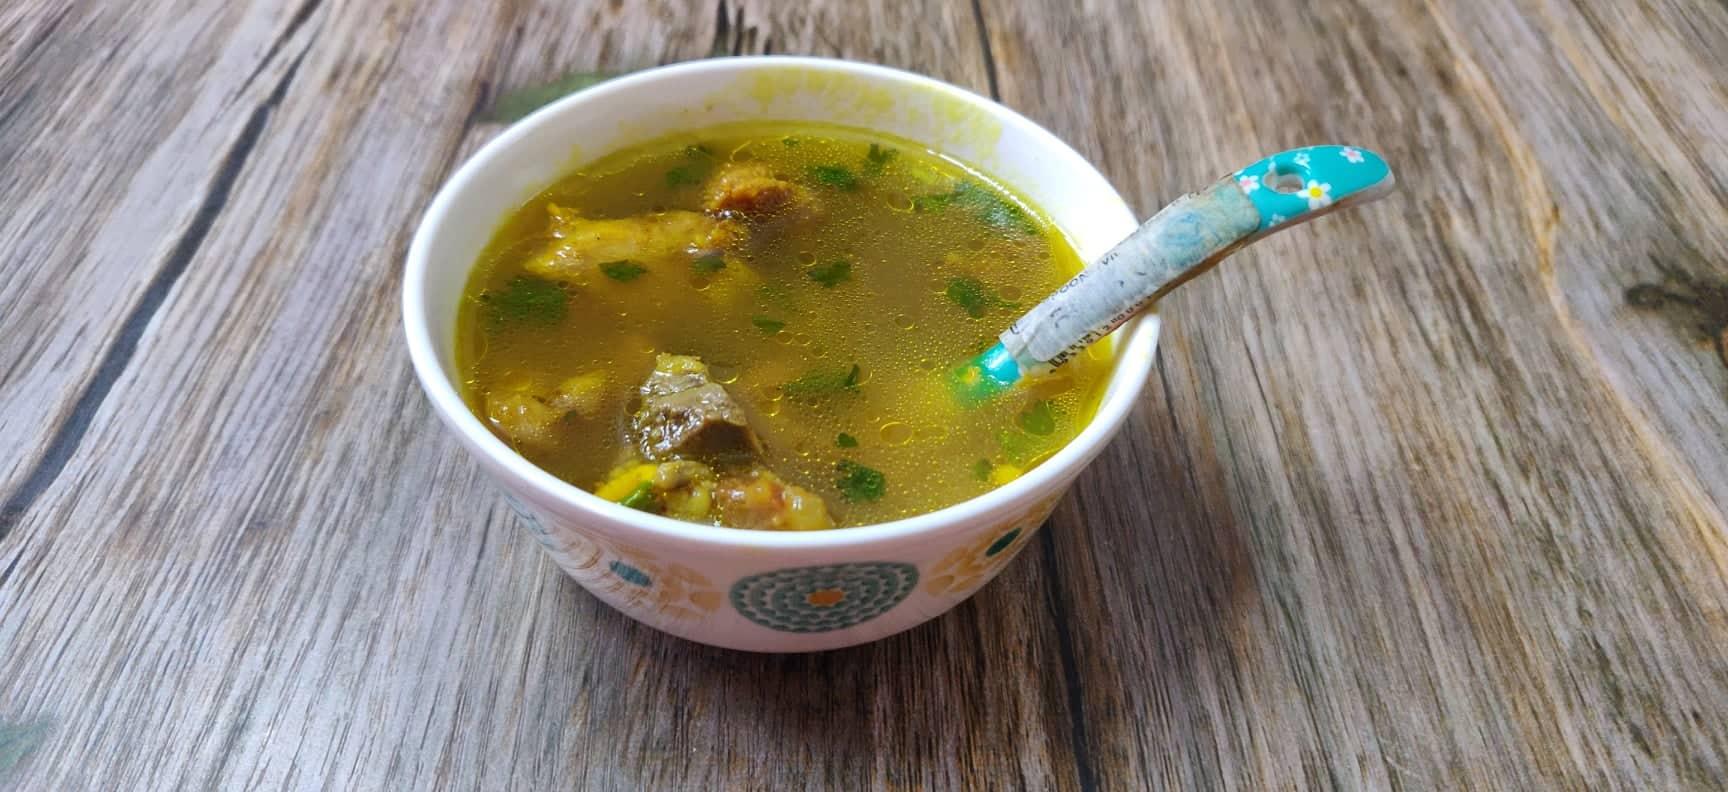 mutton_soup - 77314675_1723754104428099_130574161213915136_n